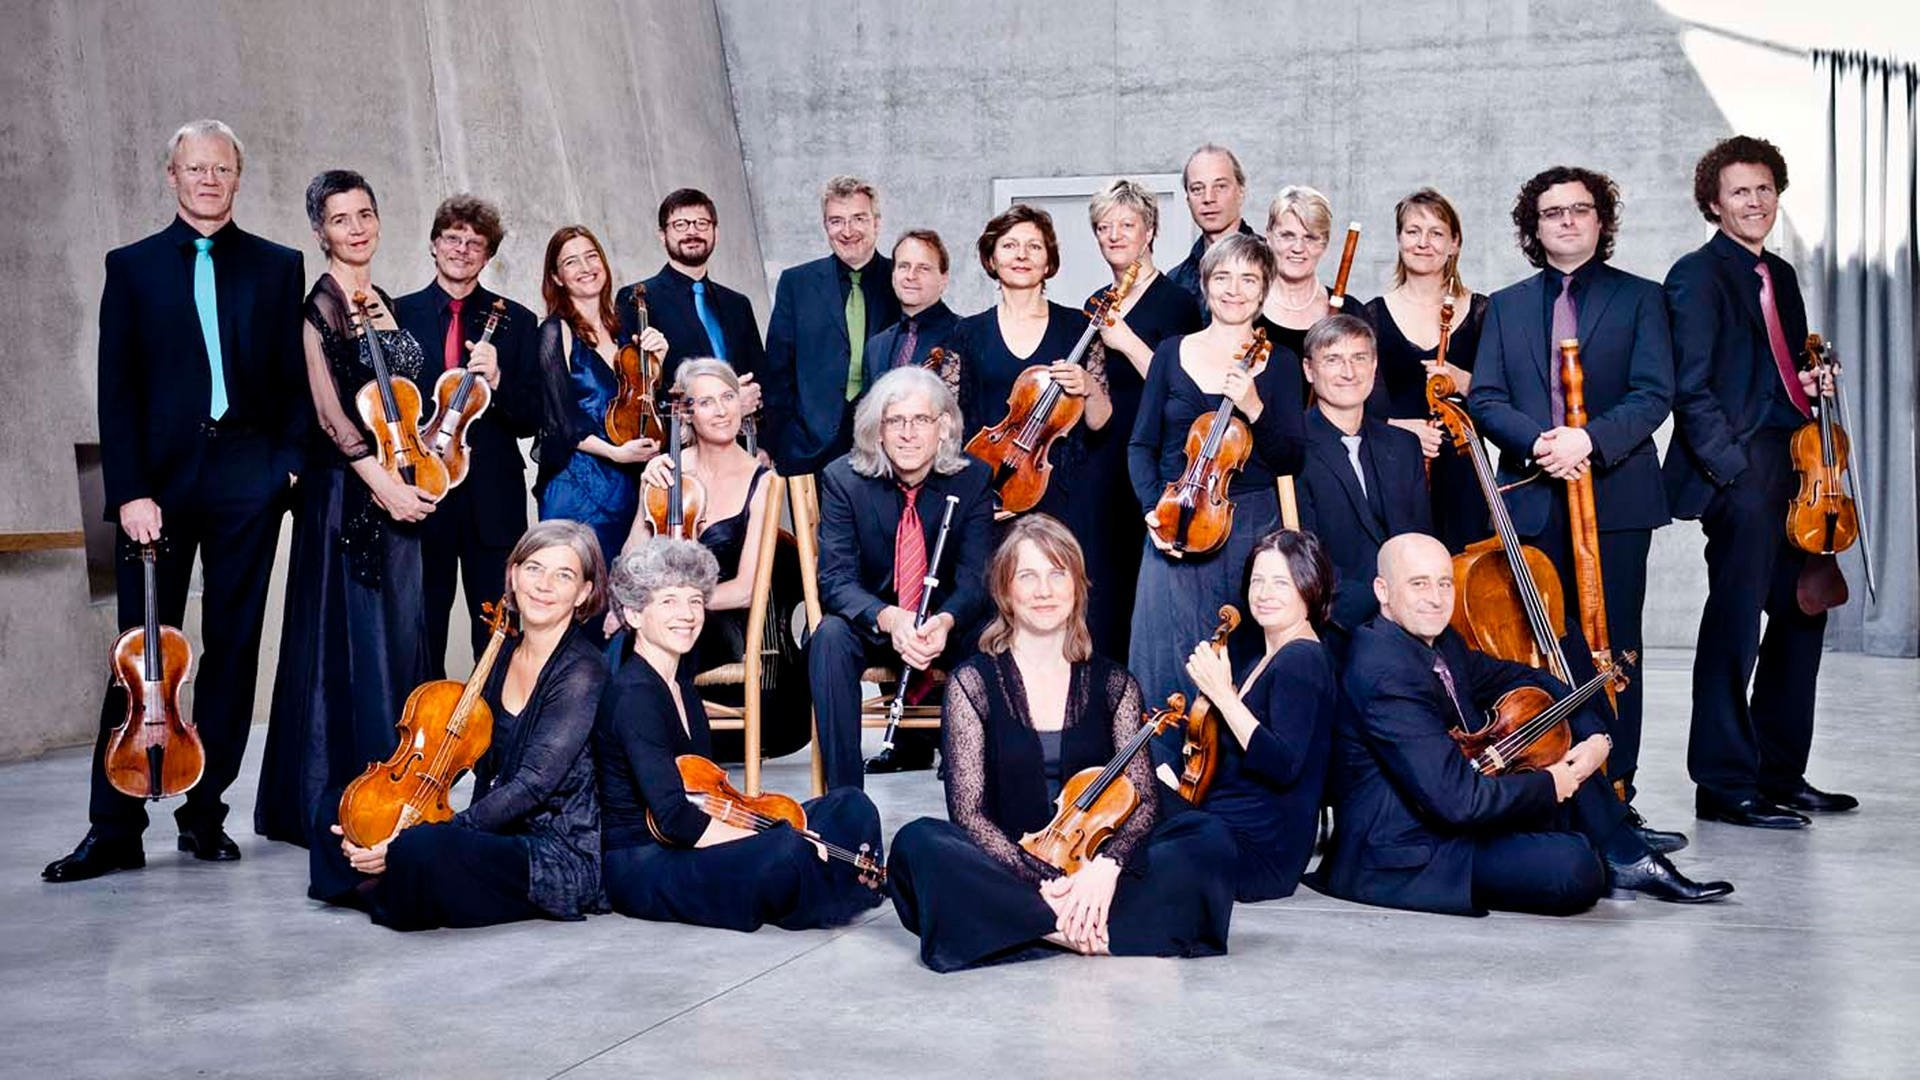 Freiburger-Barockorchester,1574157104030,freiburger-barockorchester-100 V-16x9@2dXL -77ed5d09bafd4e3cf6a5a0264e5e16ea35f14925